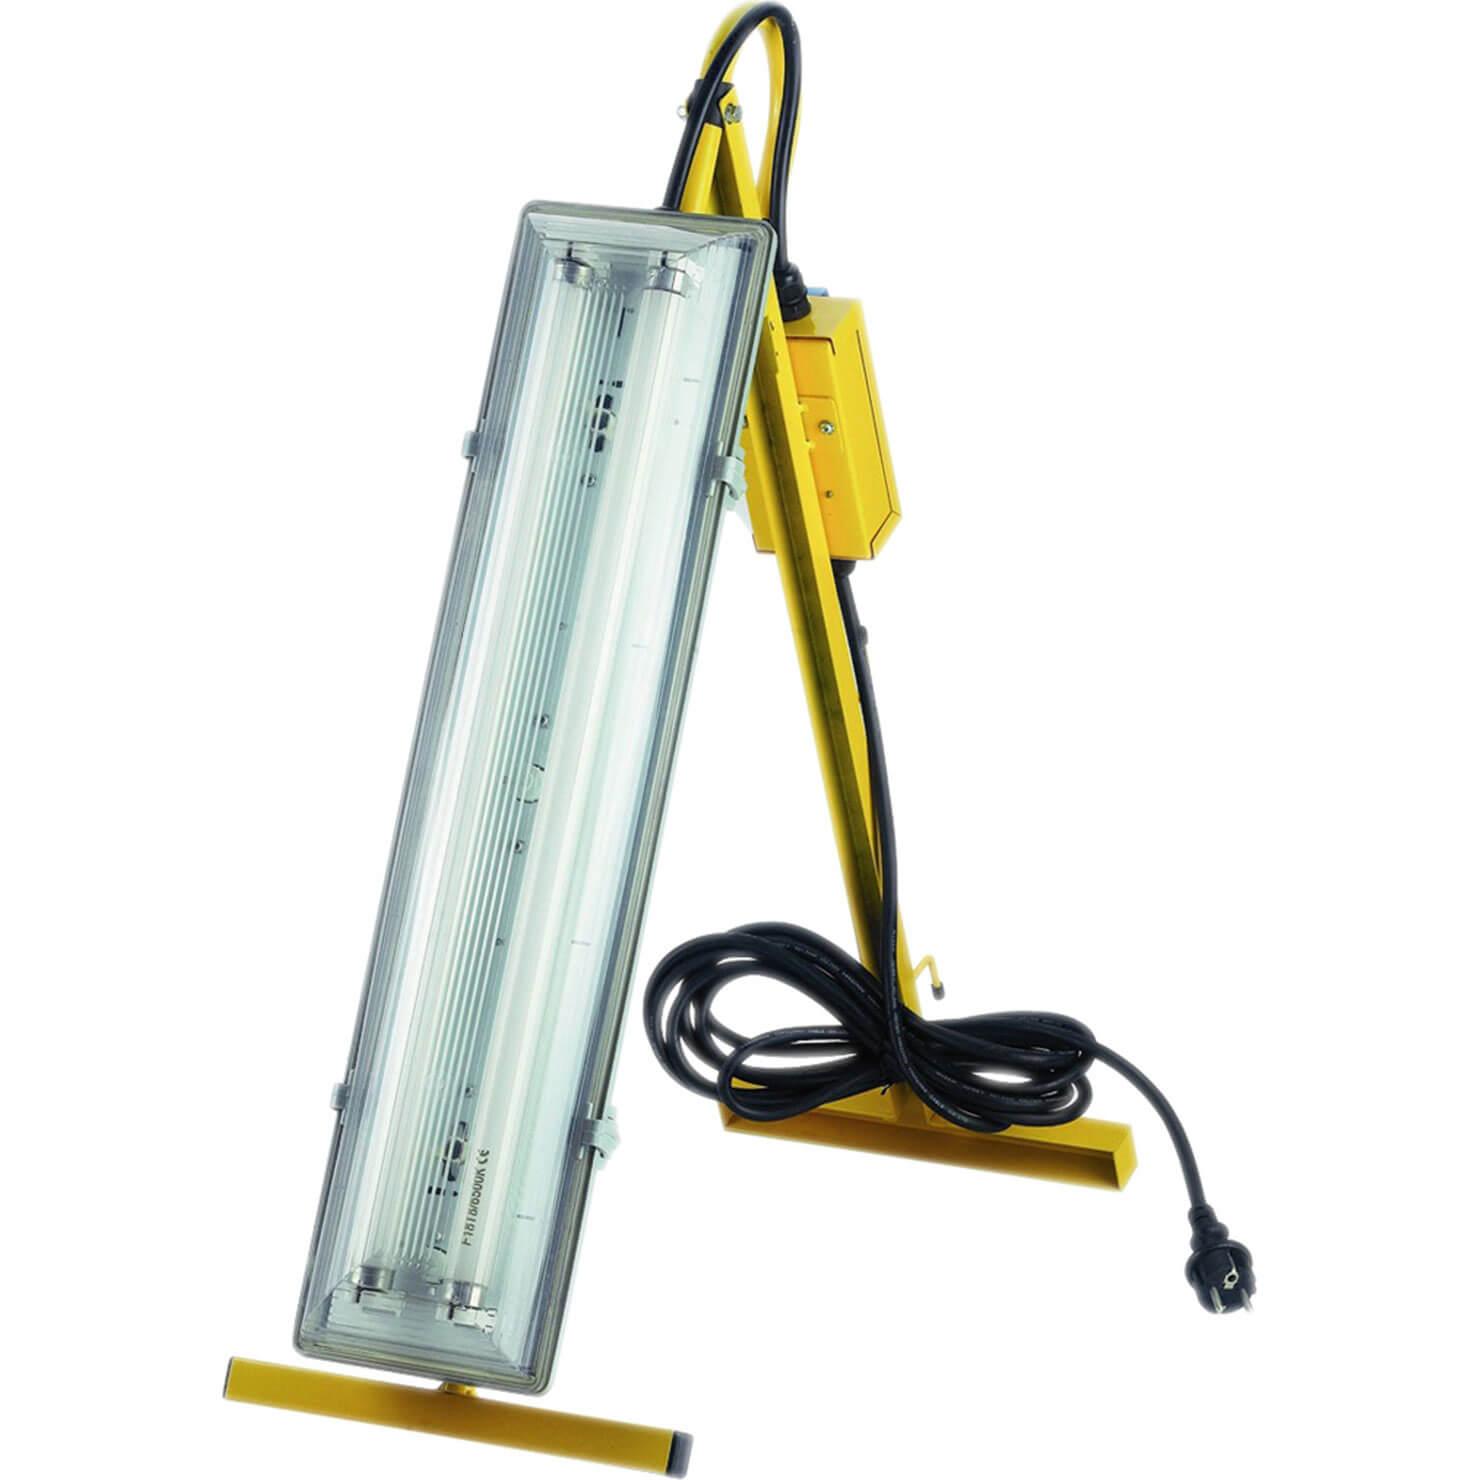 Faithfull Power Plus Plasterers Fluorescent Folding Light 18w 110v